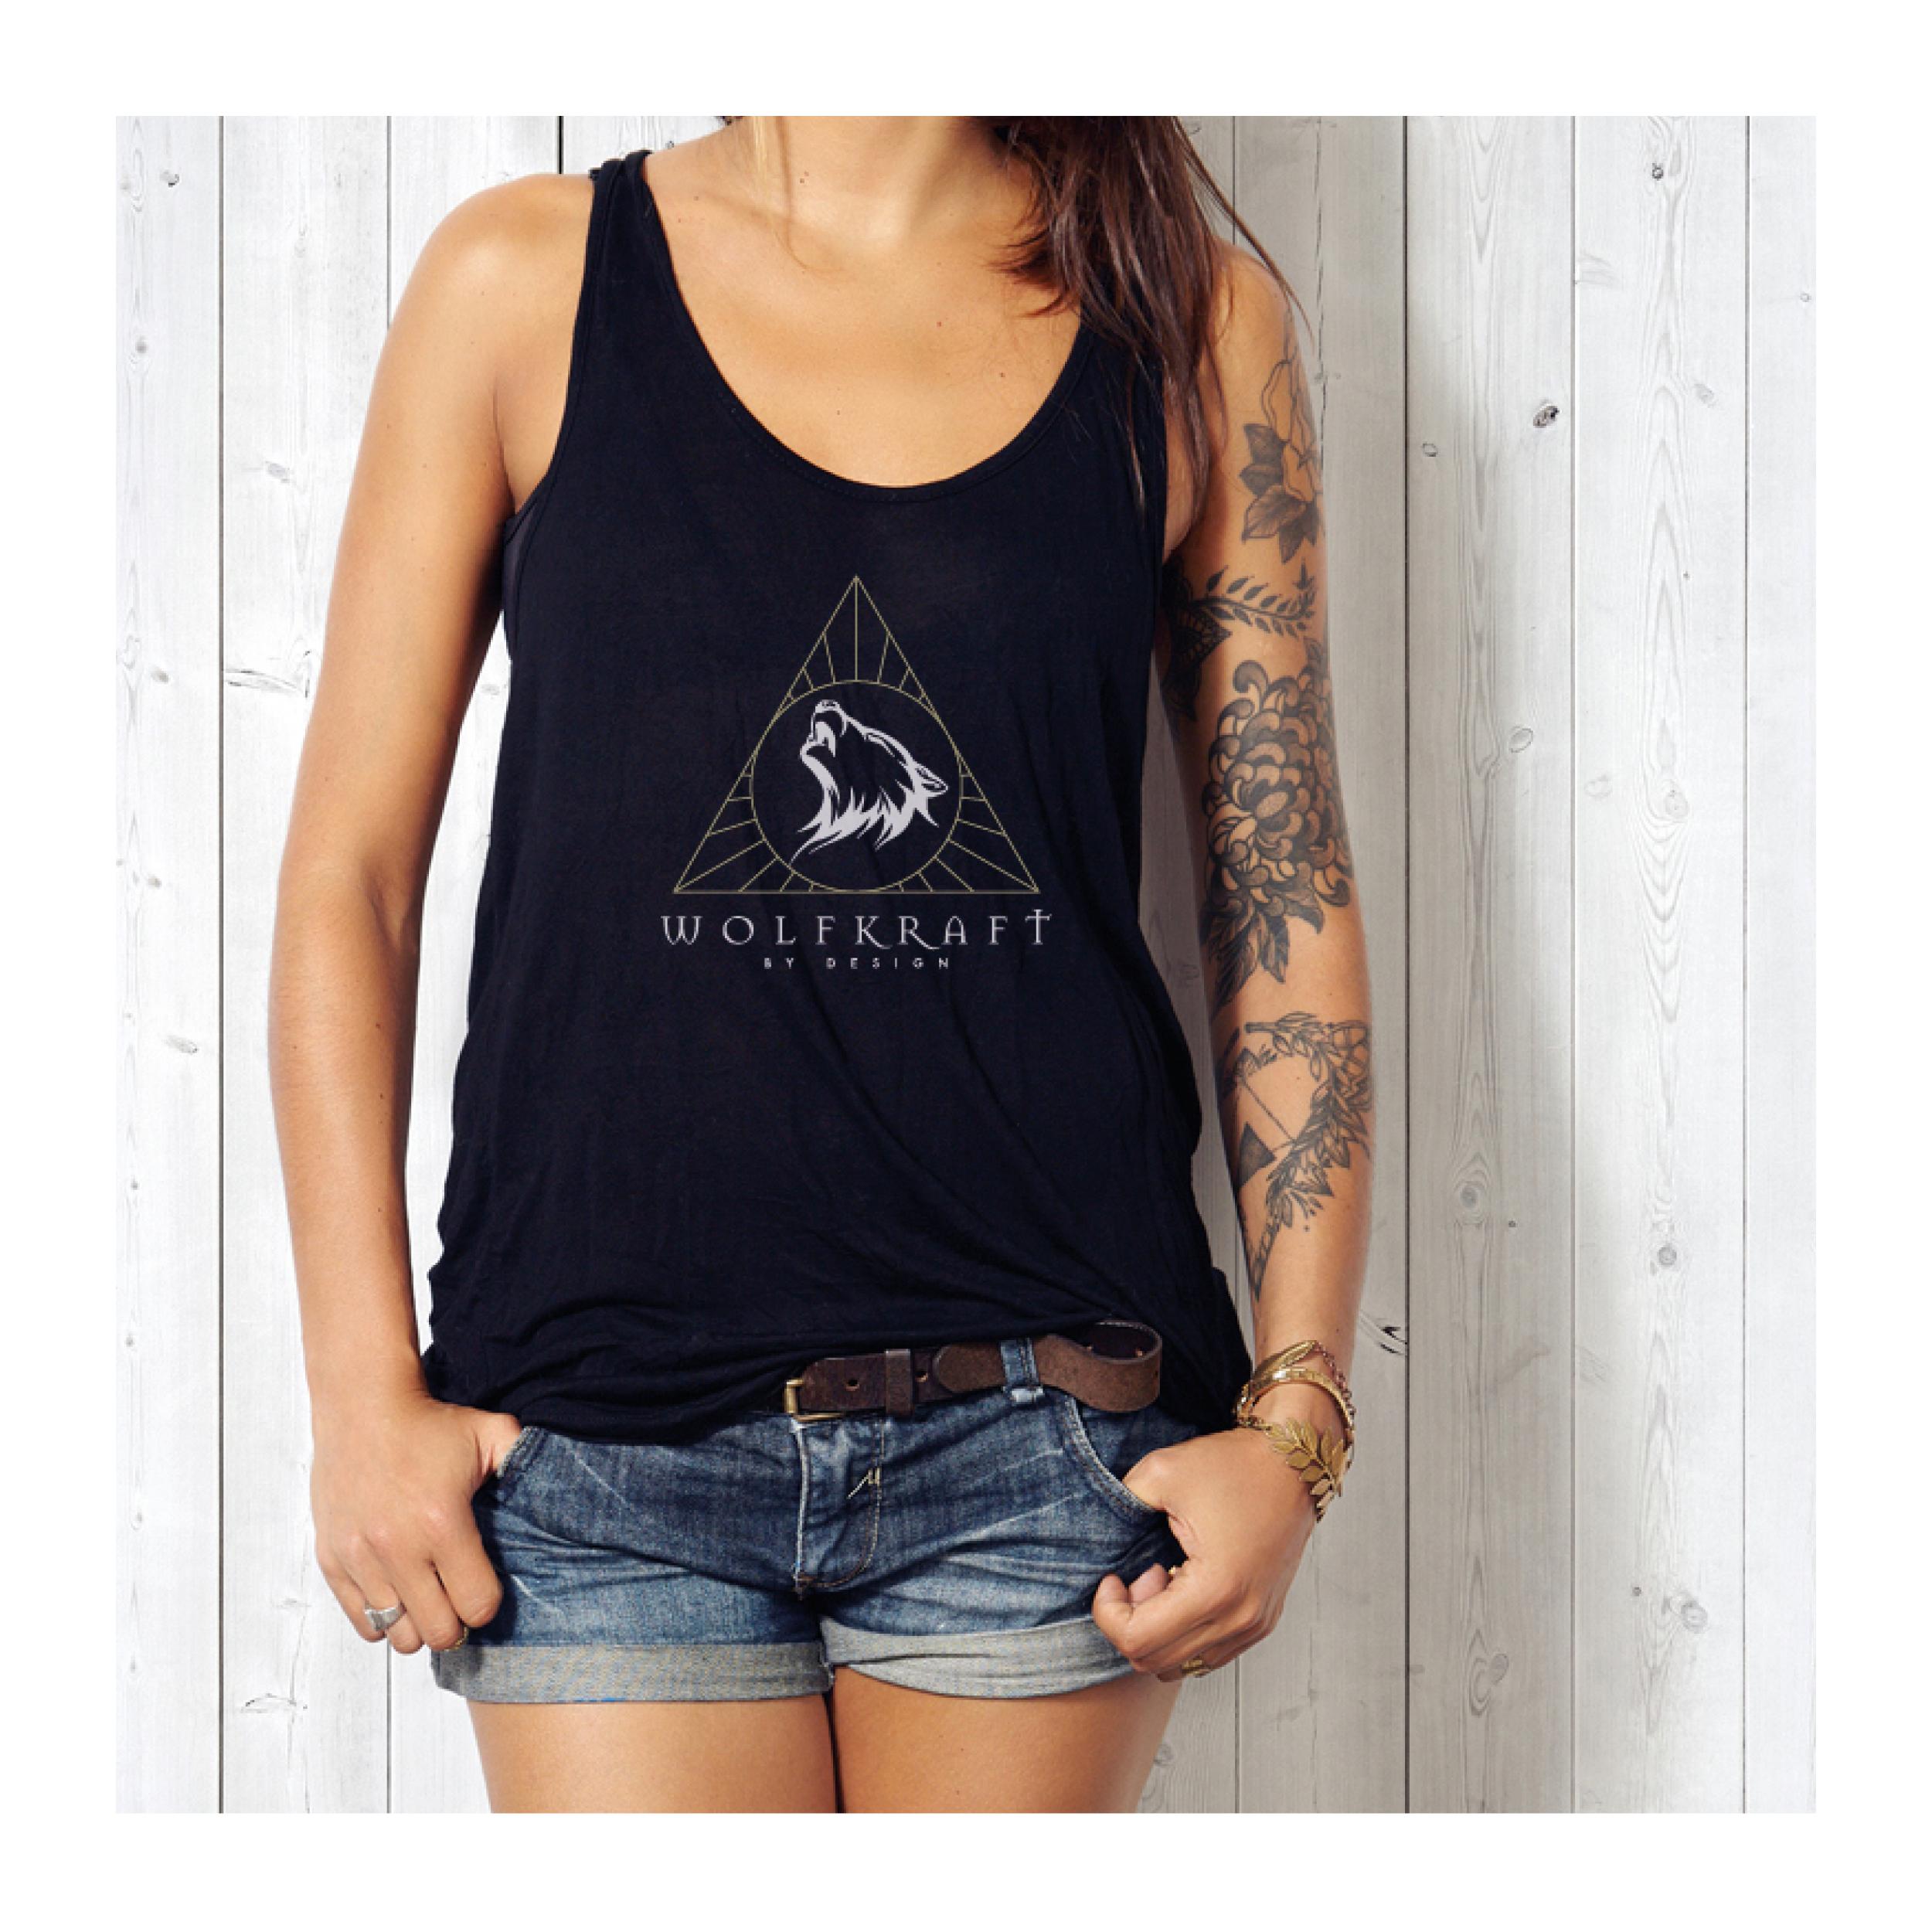 Wolfkraft by design Tees